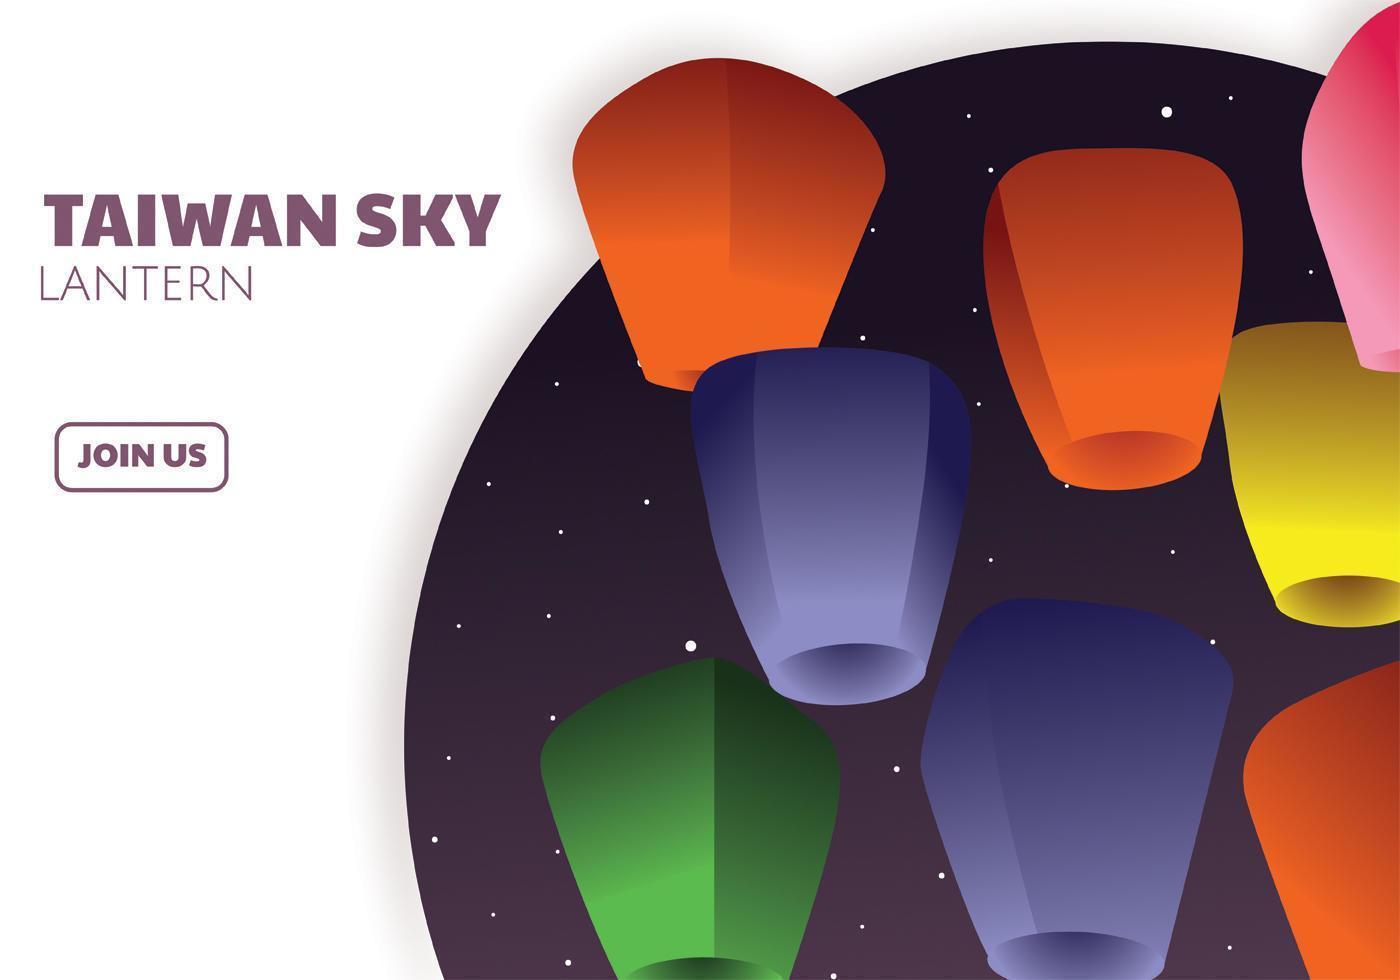 Disegno vettoriale di Taiwan Sky Lantern